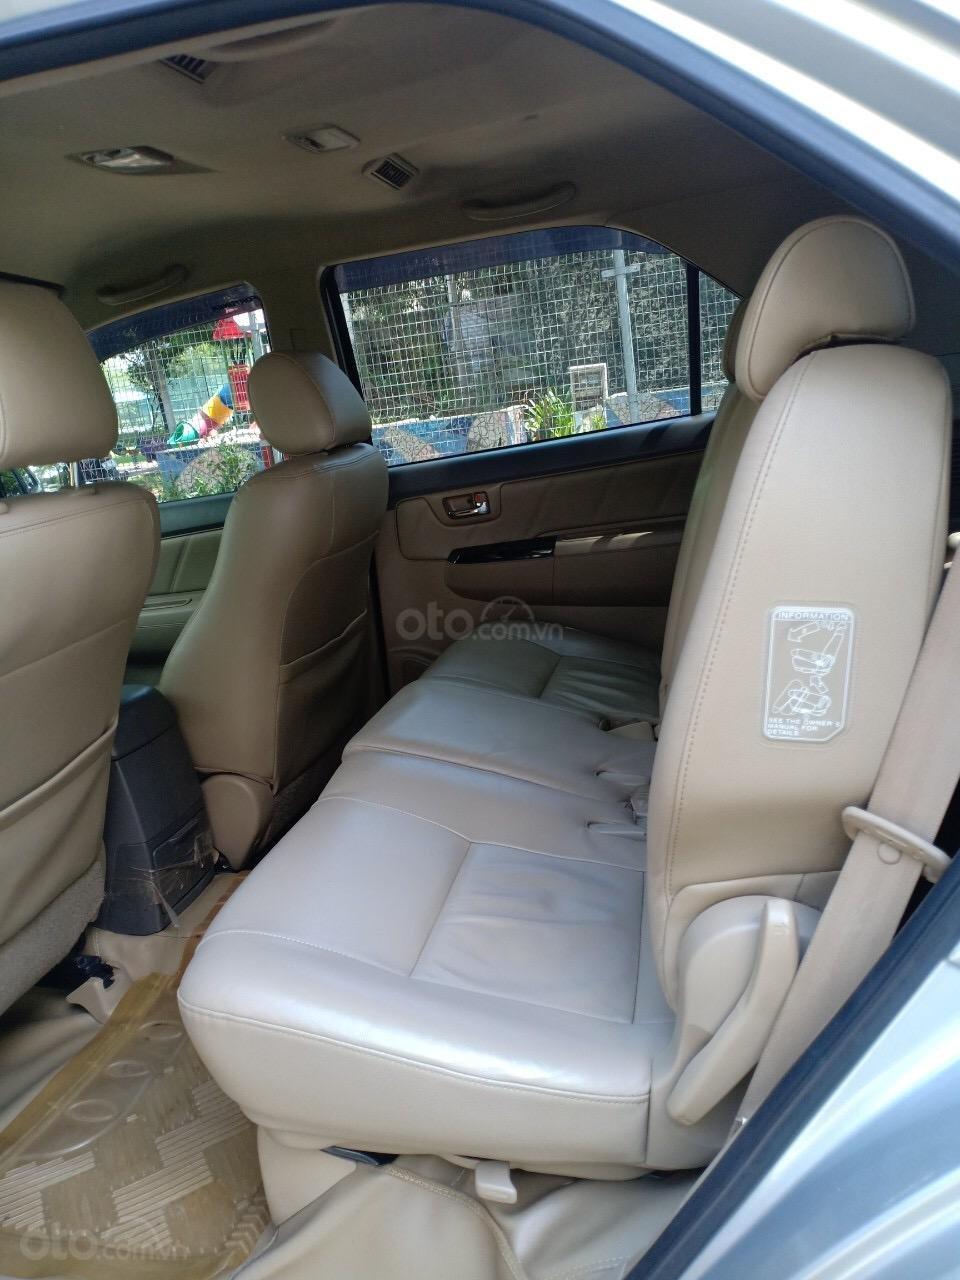 Bán Toyota Fortuner 2.7V năm 2013, xe nhà đi sử dụng kĩ, bán giá 665 triệu-5